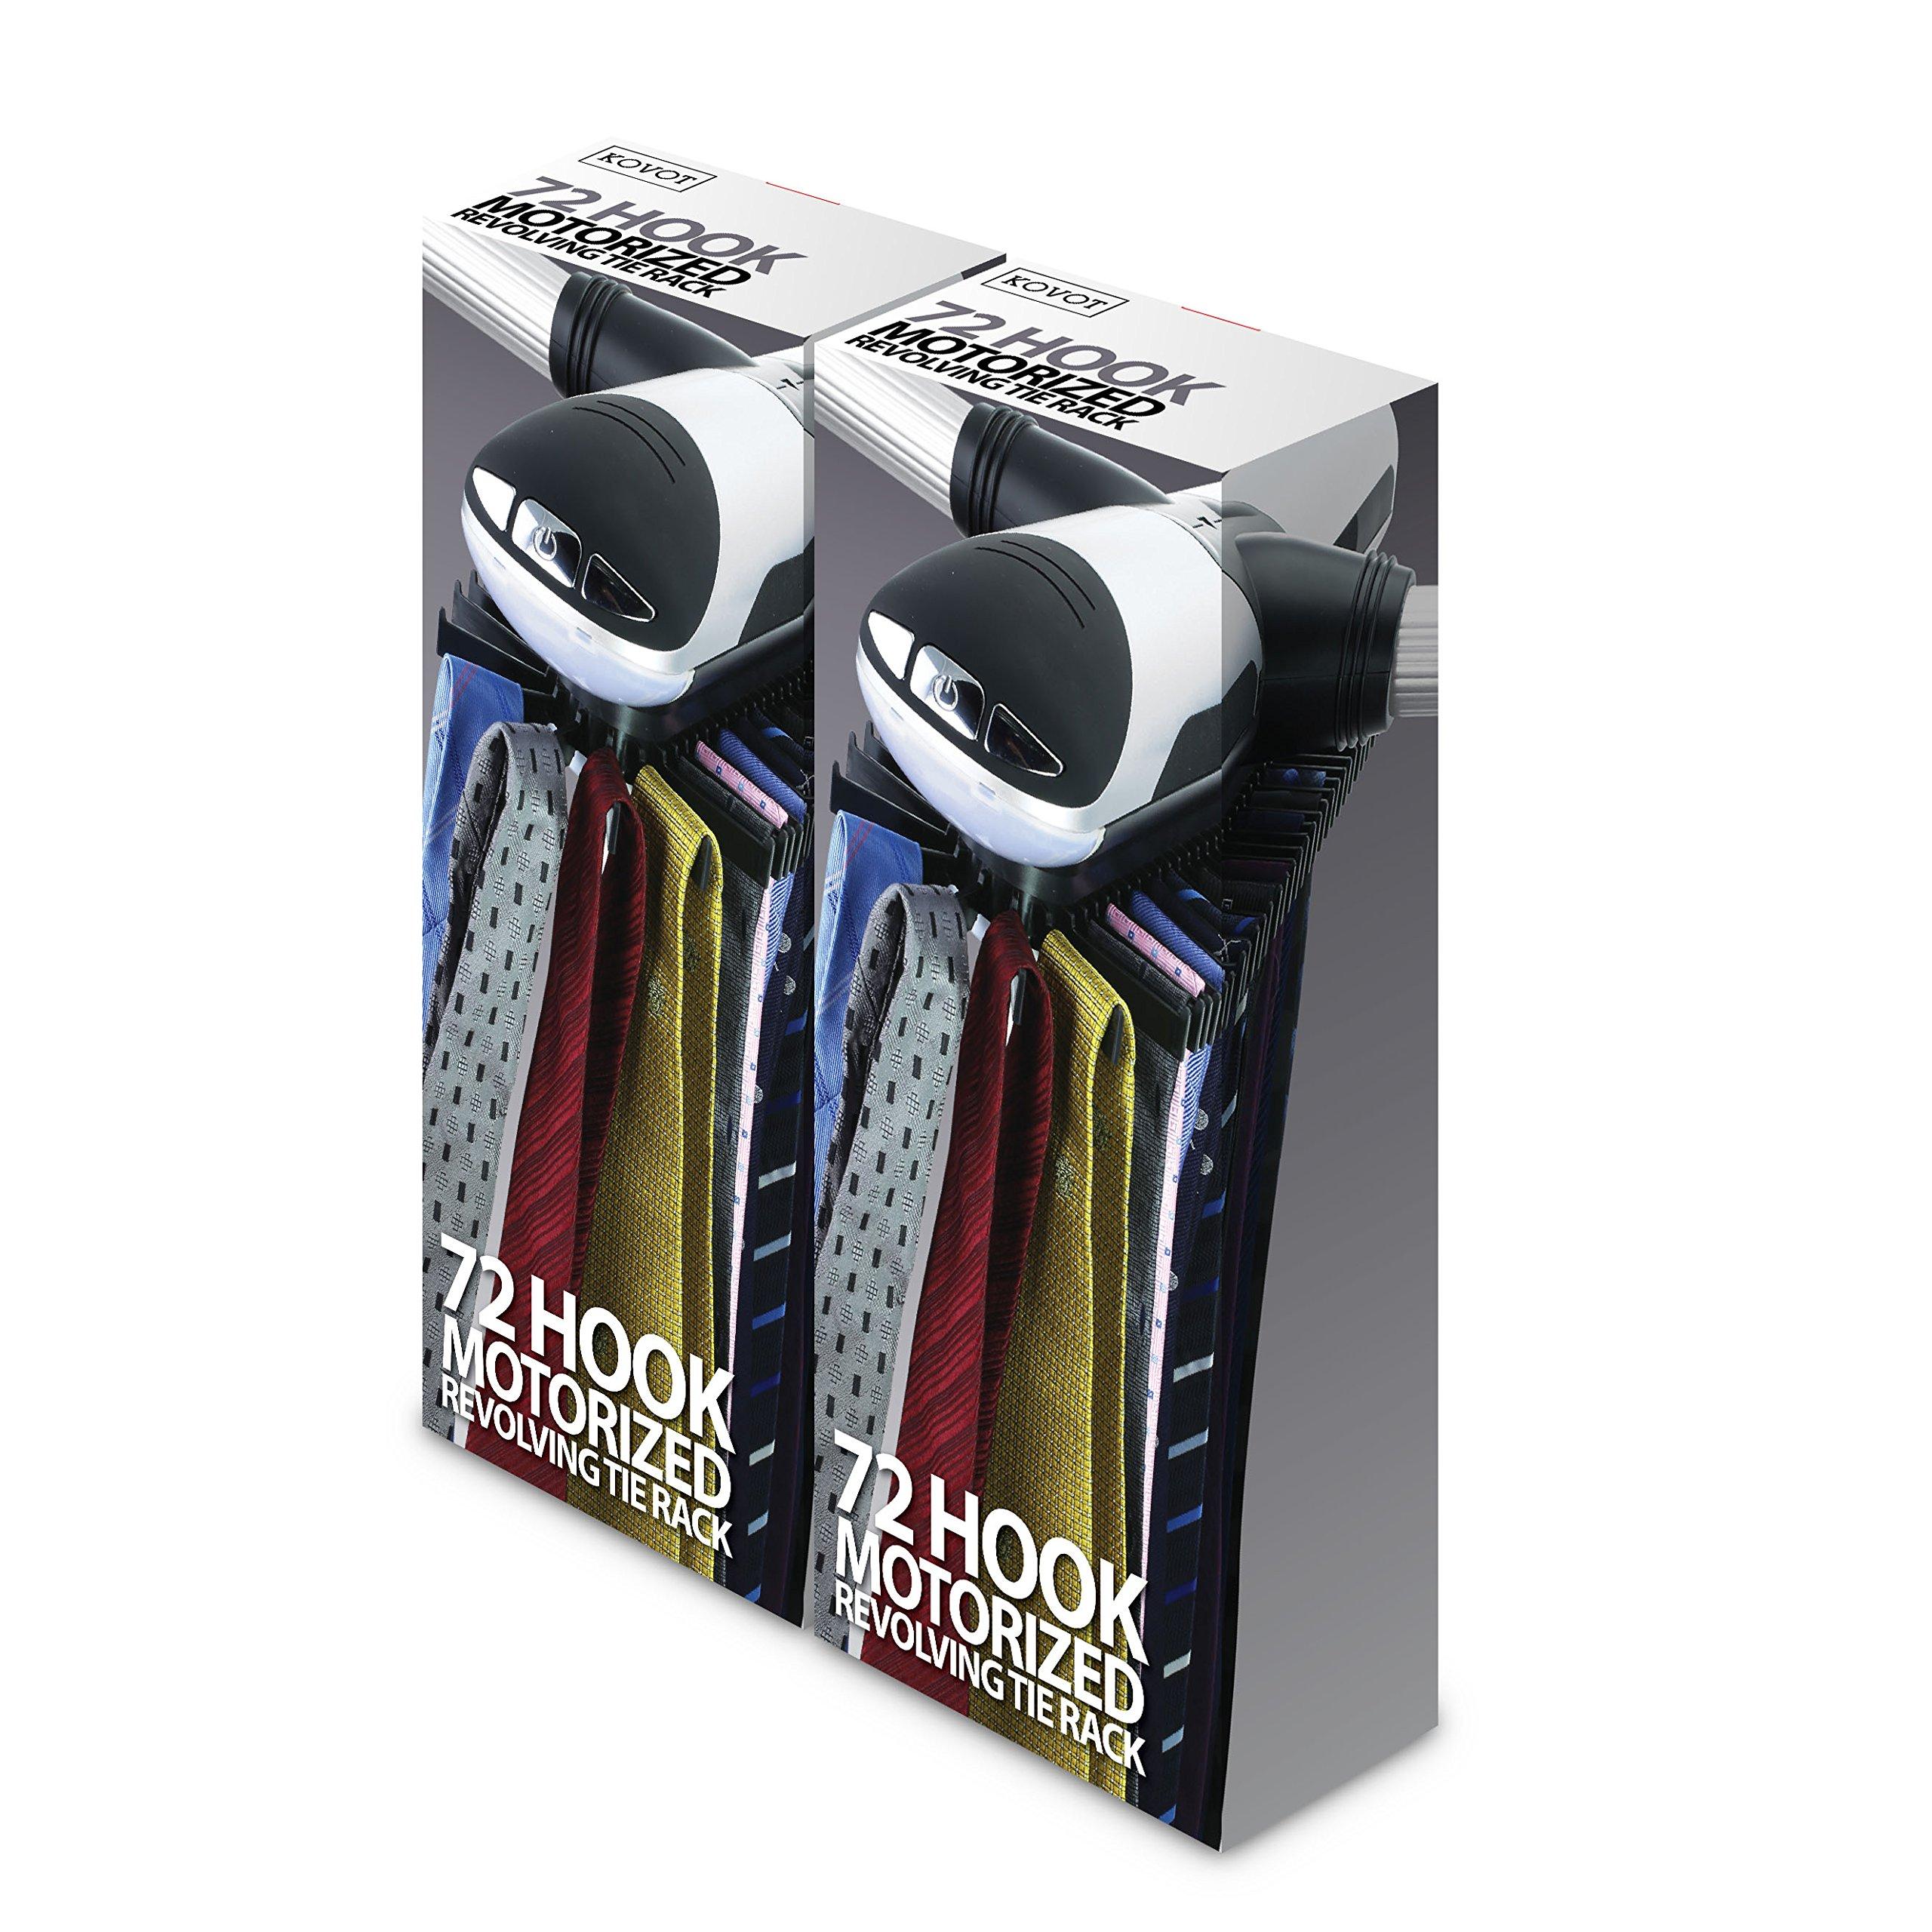 KOVOT 72 Hook Motorized Tie Rack and Belt Rack with Built in LED Lighting by Kovot